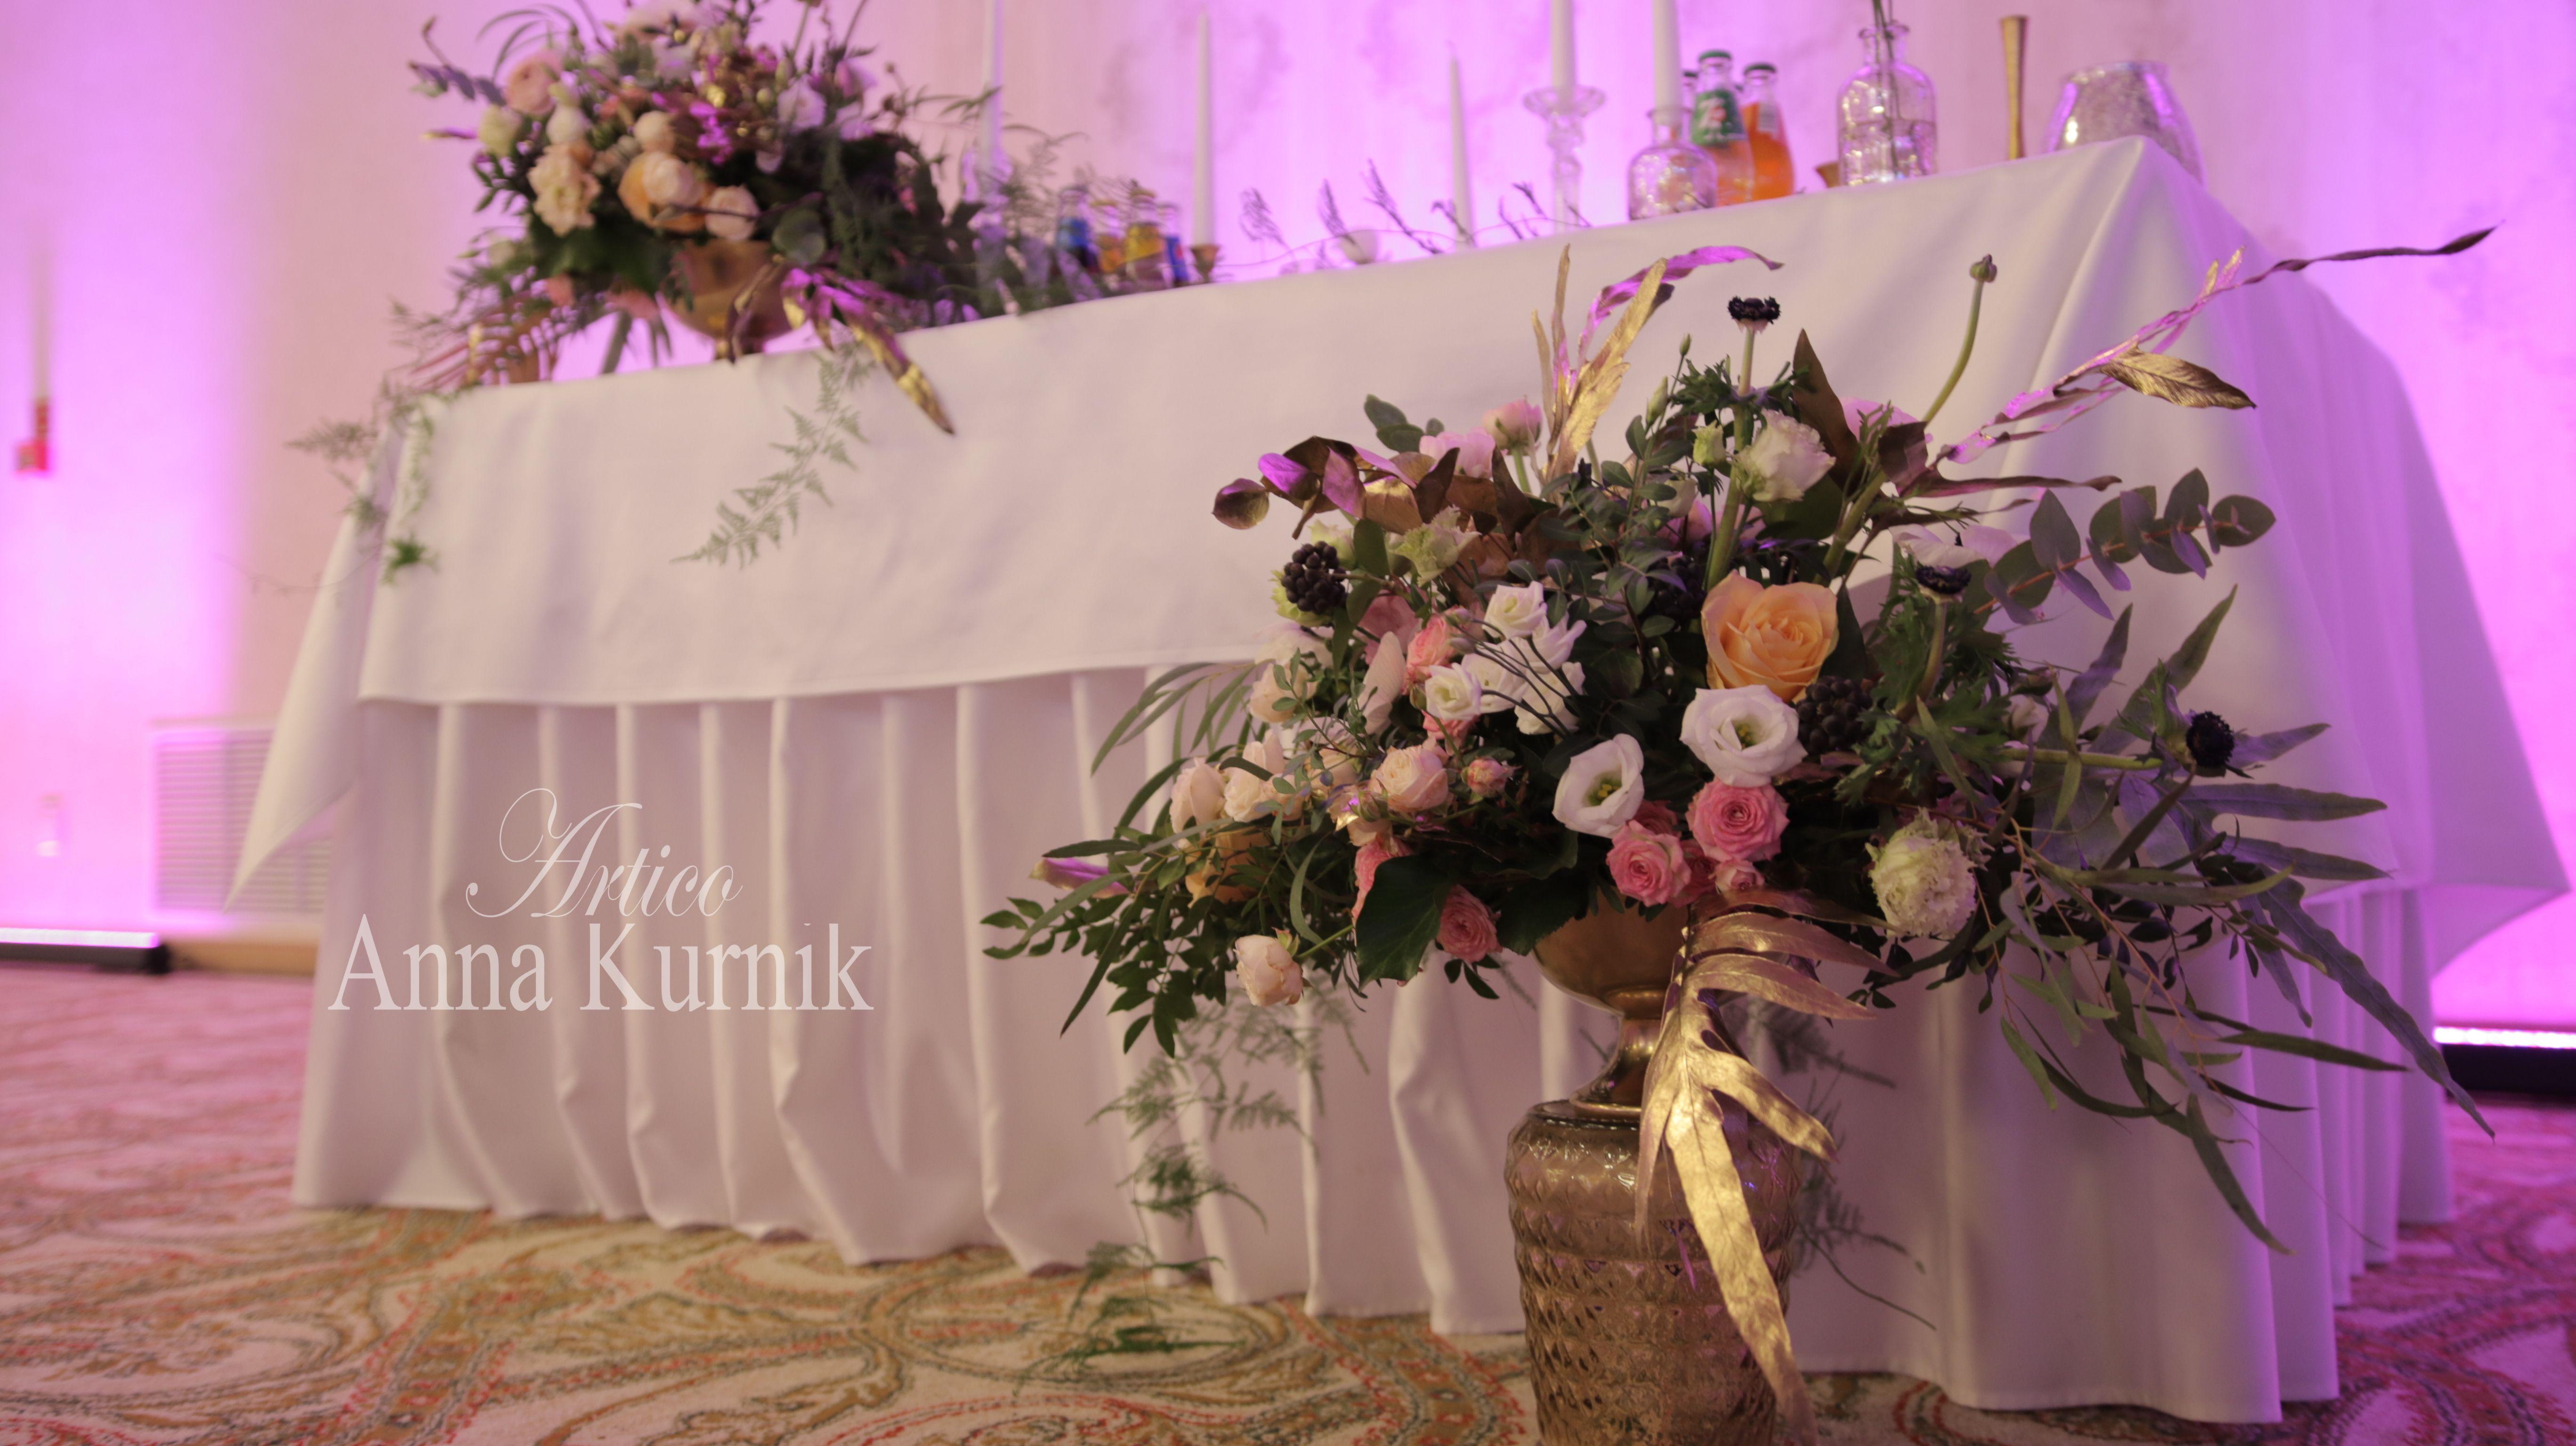 Dekoracje Stolu Panstwa Mlodych 10 Pomyslow Na Stol Weselny Peonies Wedding Table Wedding Flowers Wedding Table